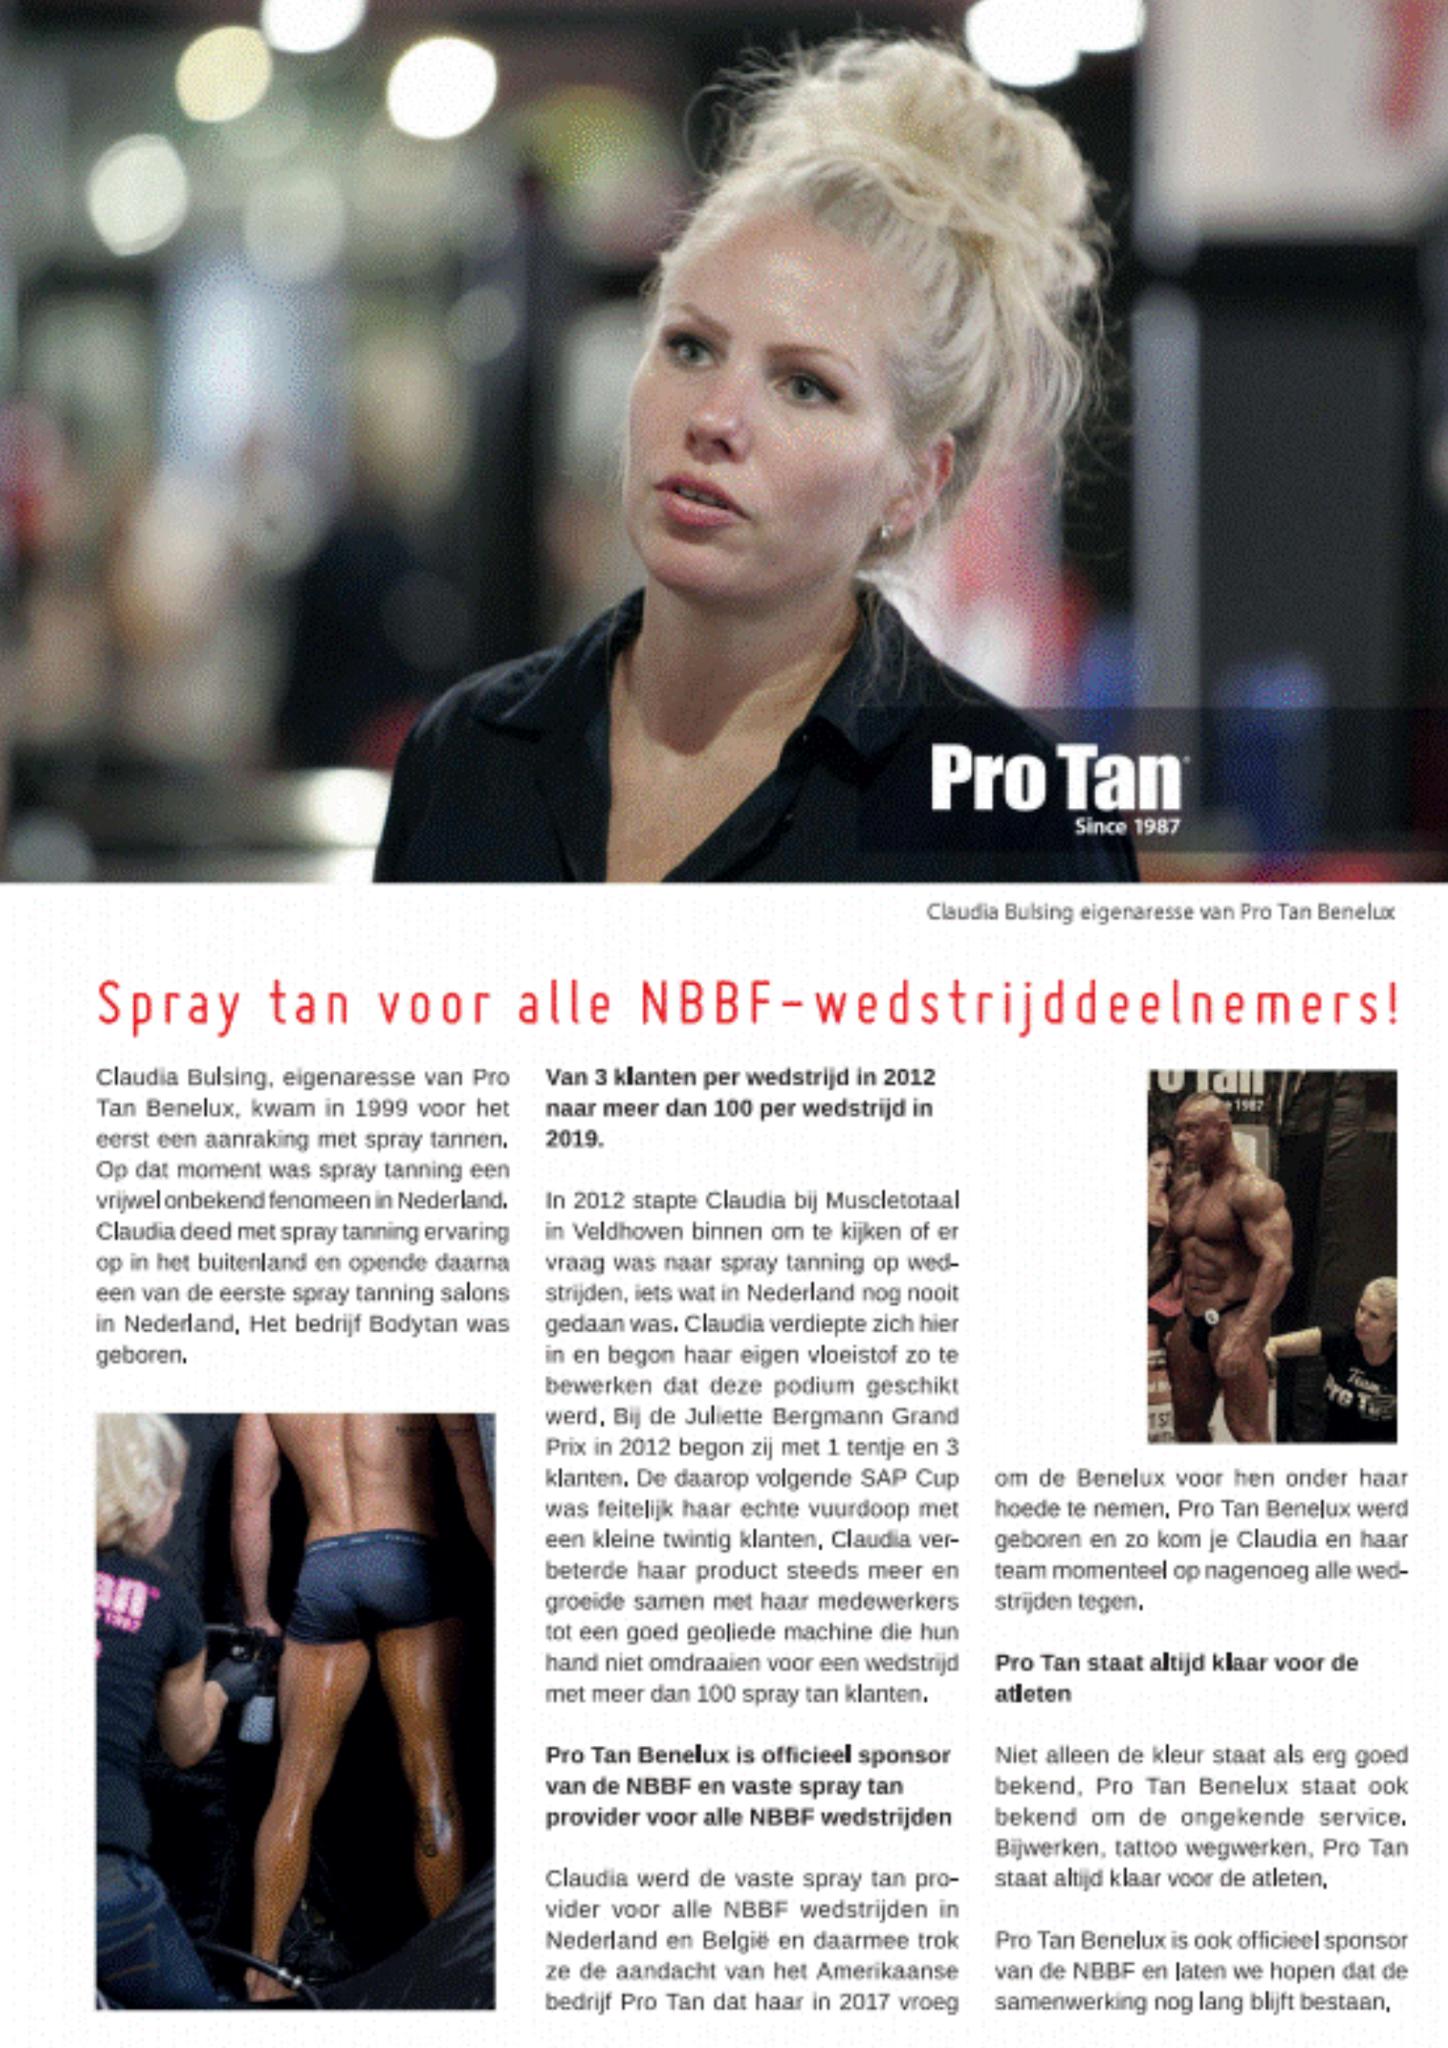 Pro Tan Benelux